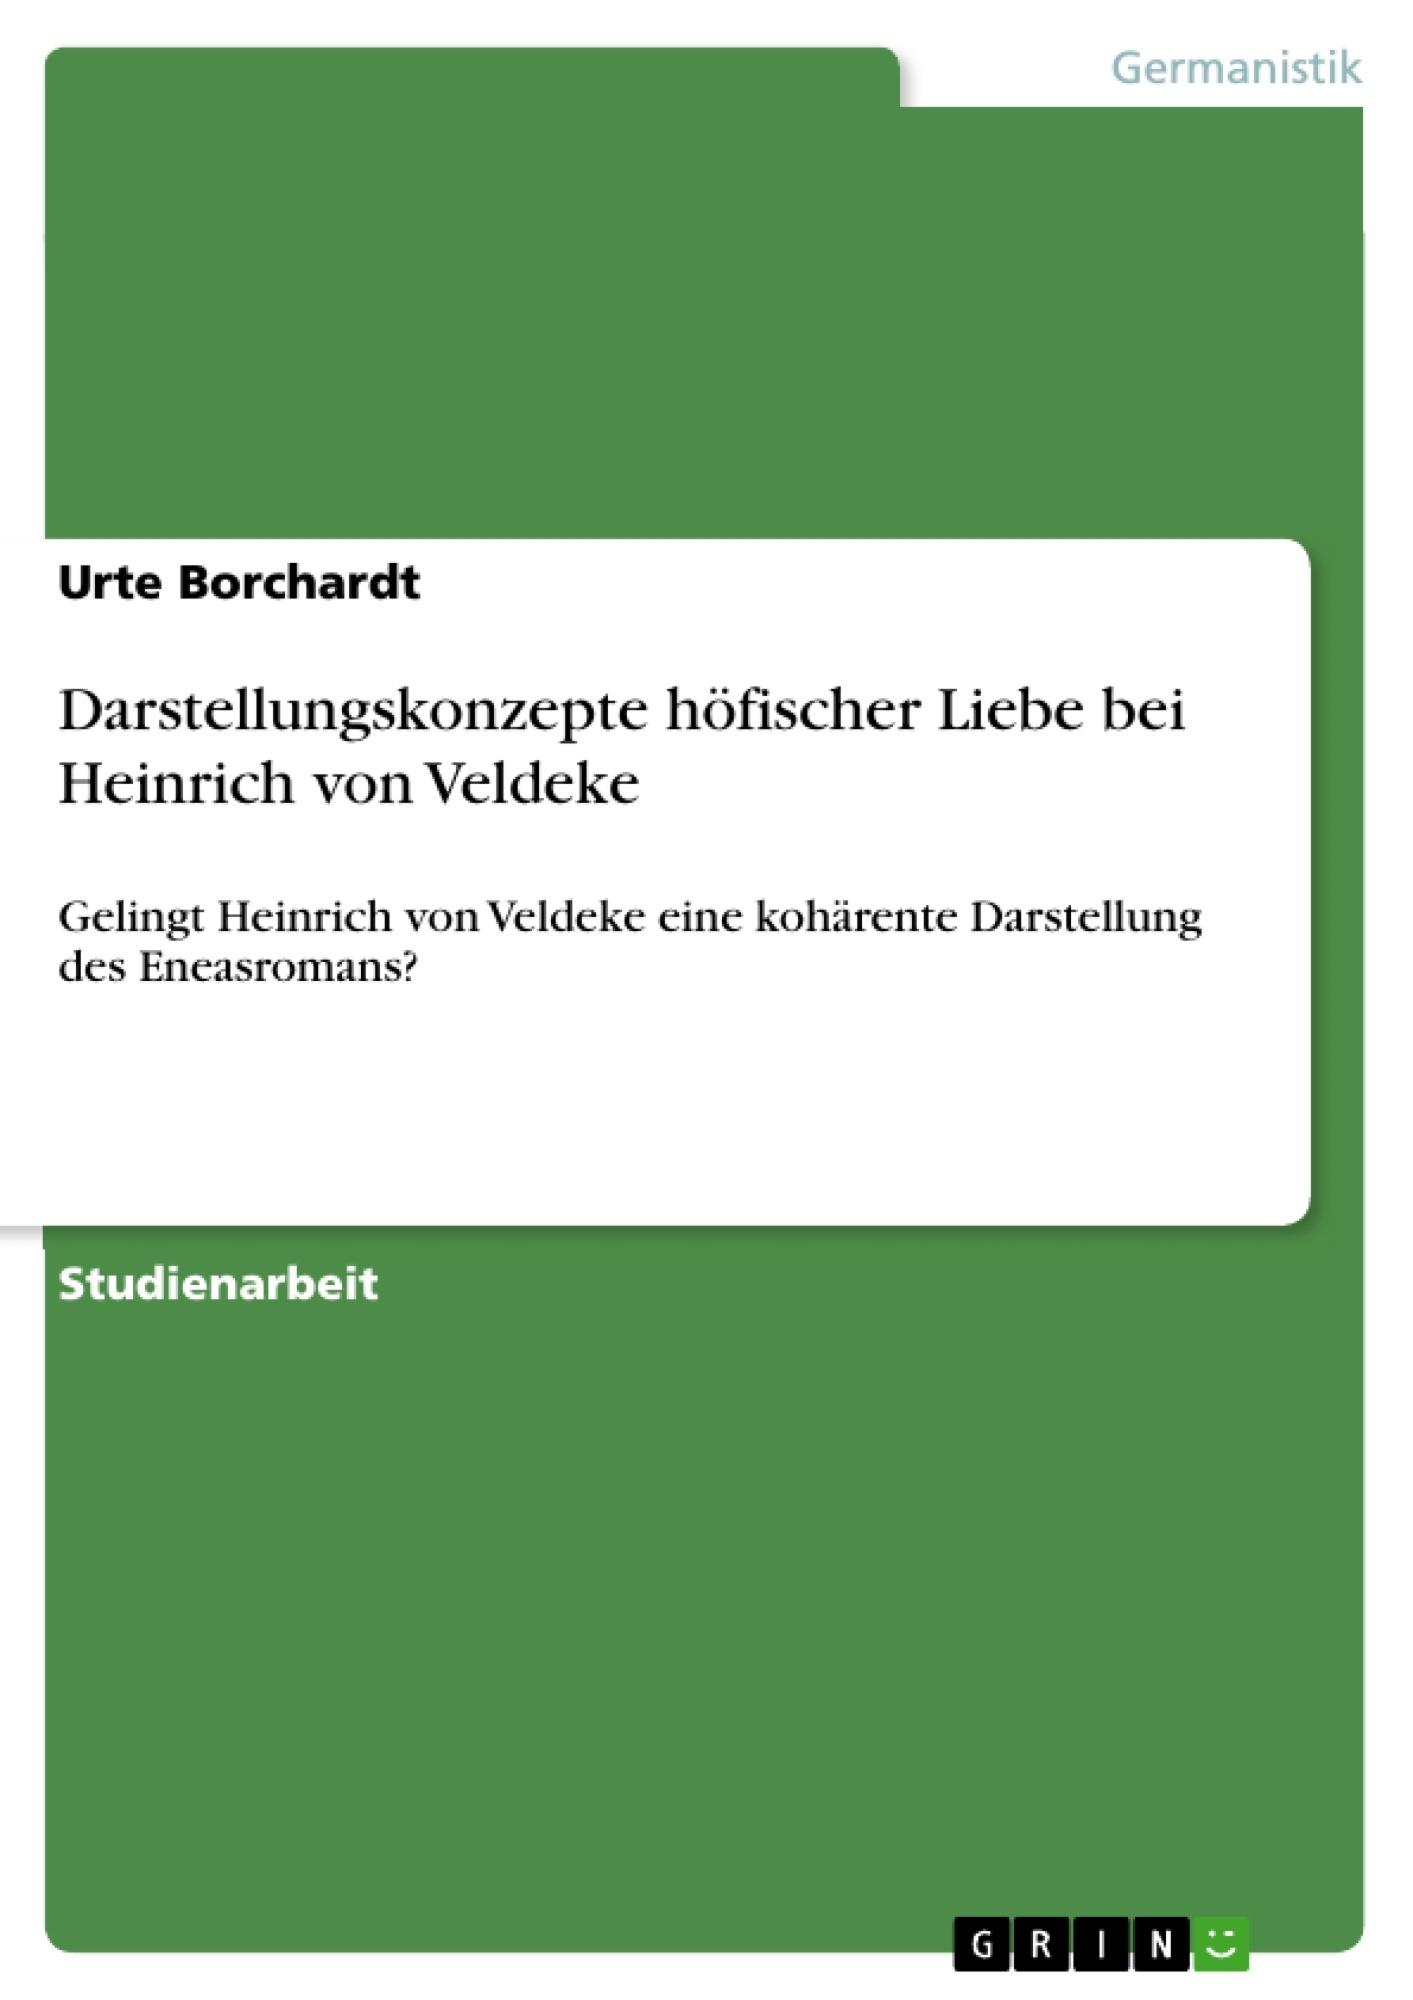 Titel: Darstellungskonzepte höfischer Liebe bei Heinrich von Veldeke